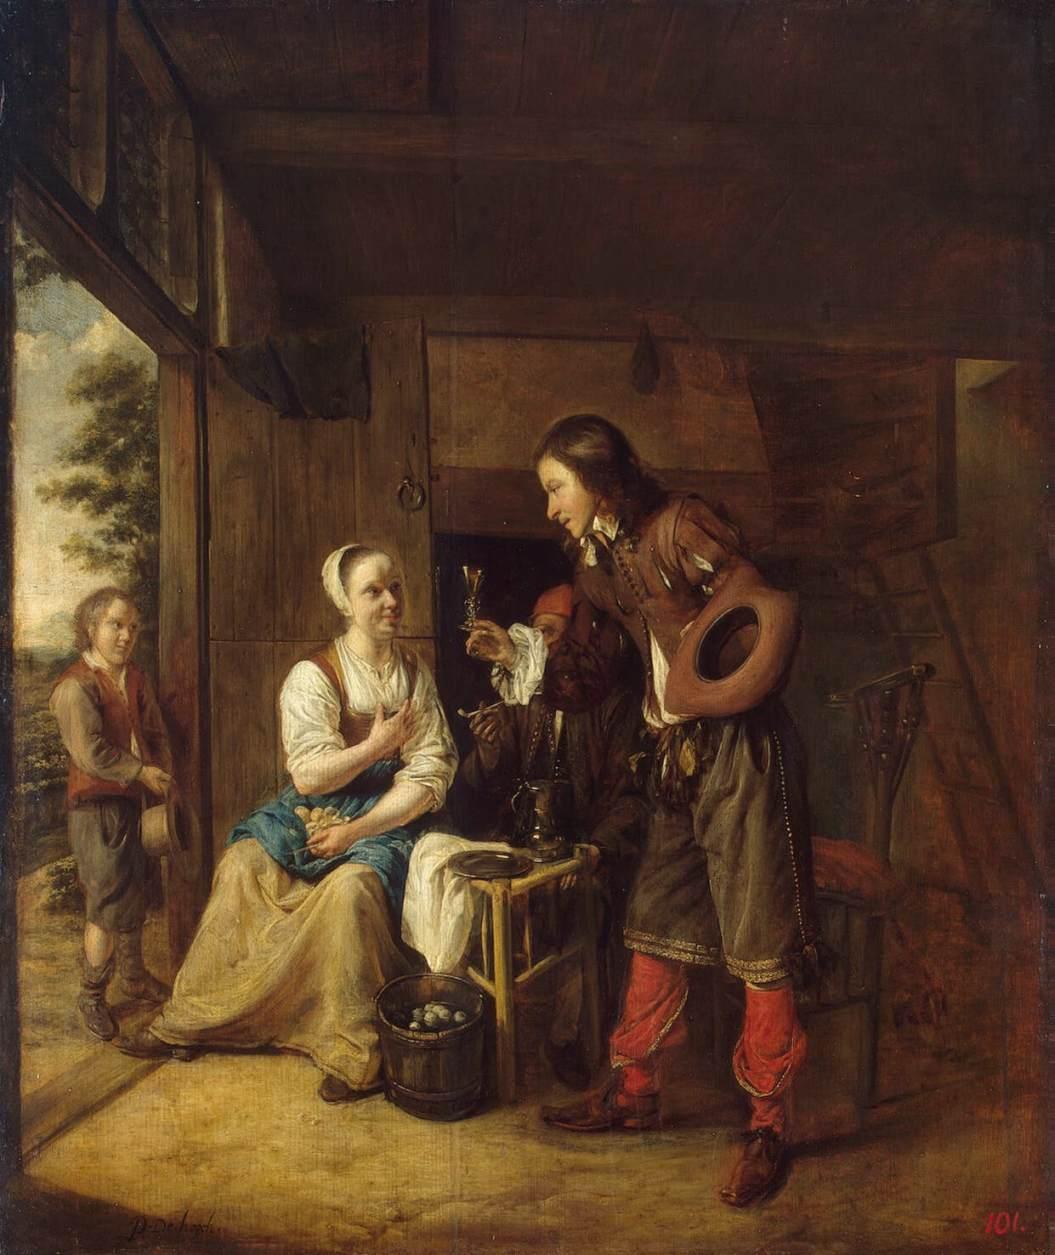 Man Offering a Glass of Wine to a Woman - Pieter de Hooch